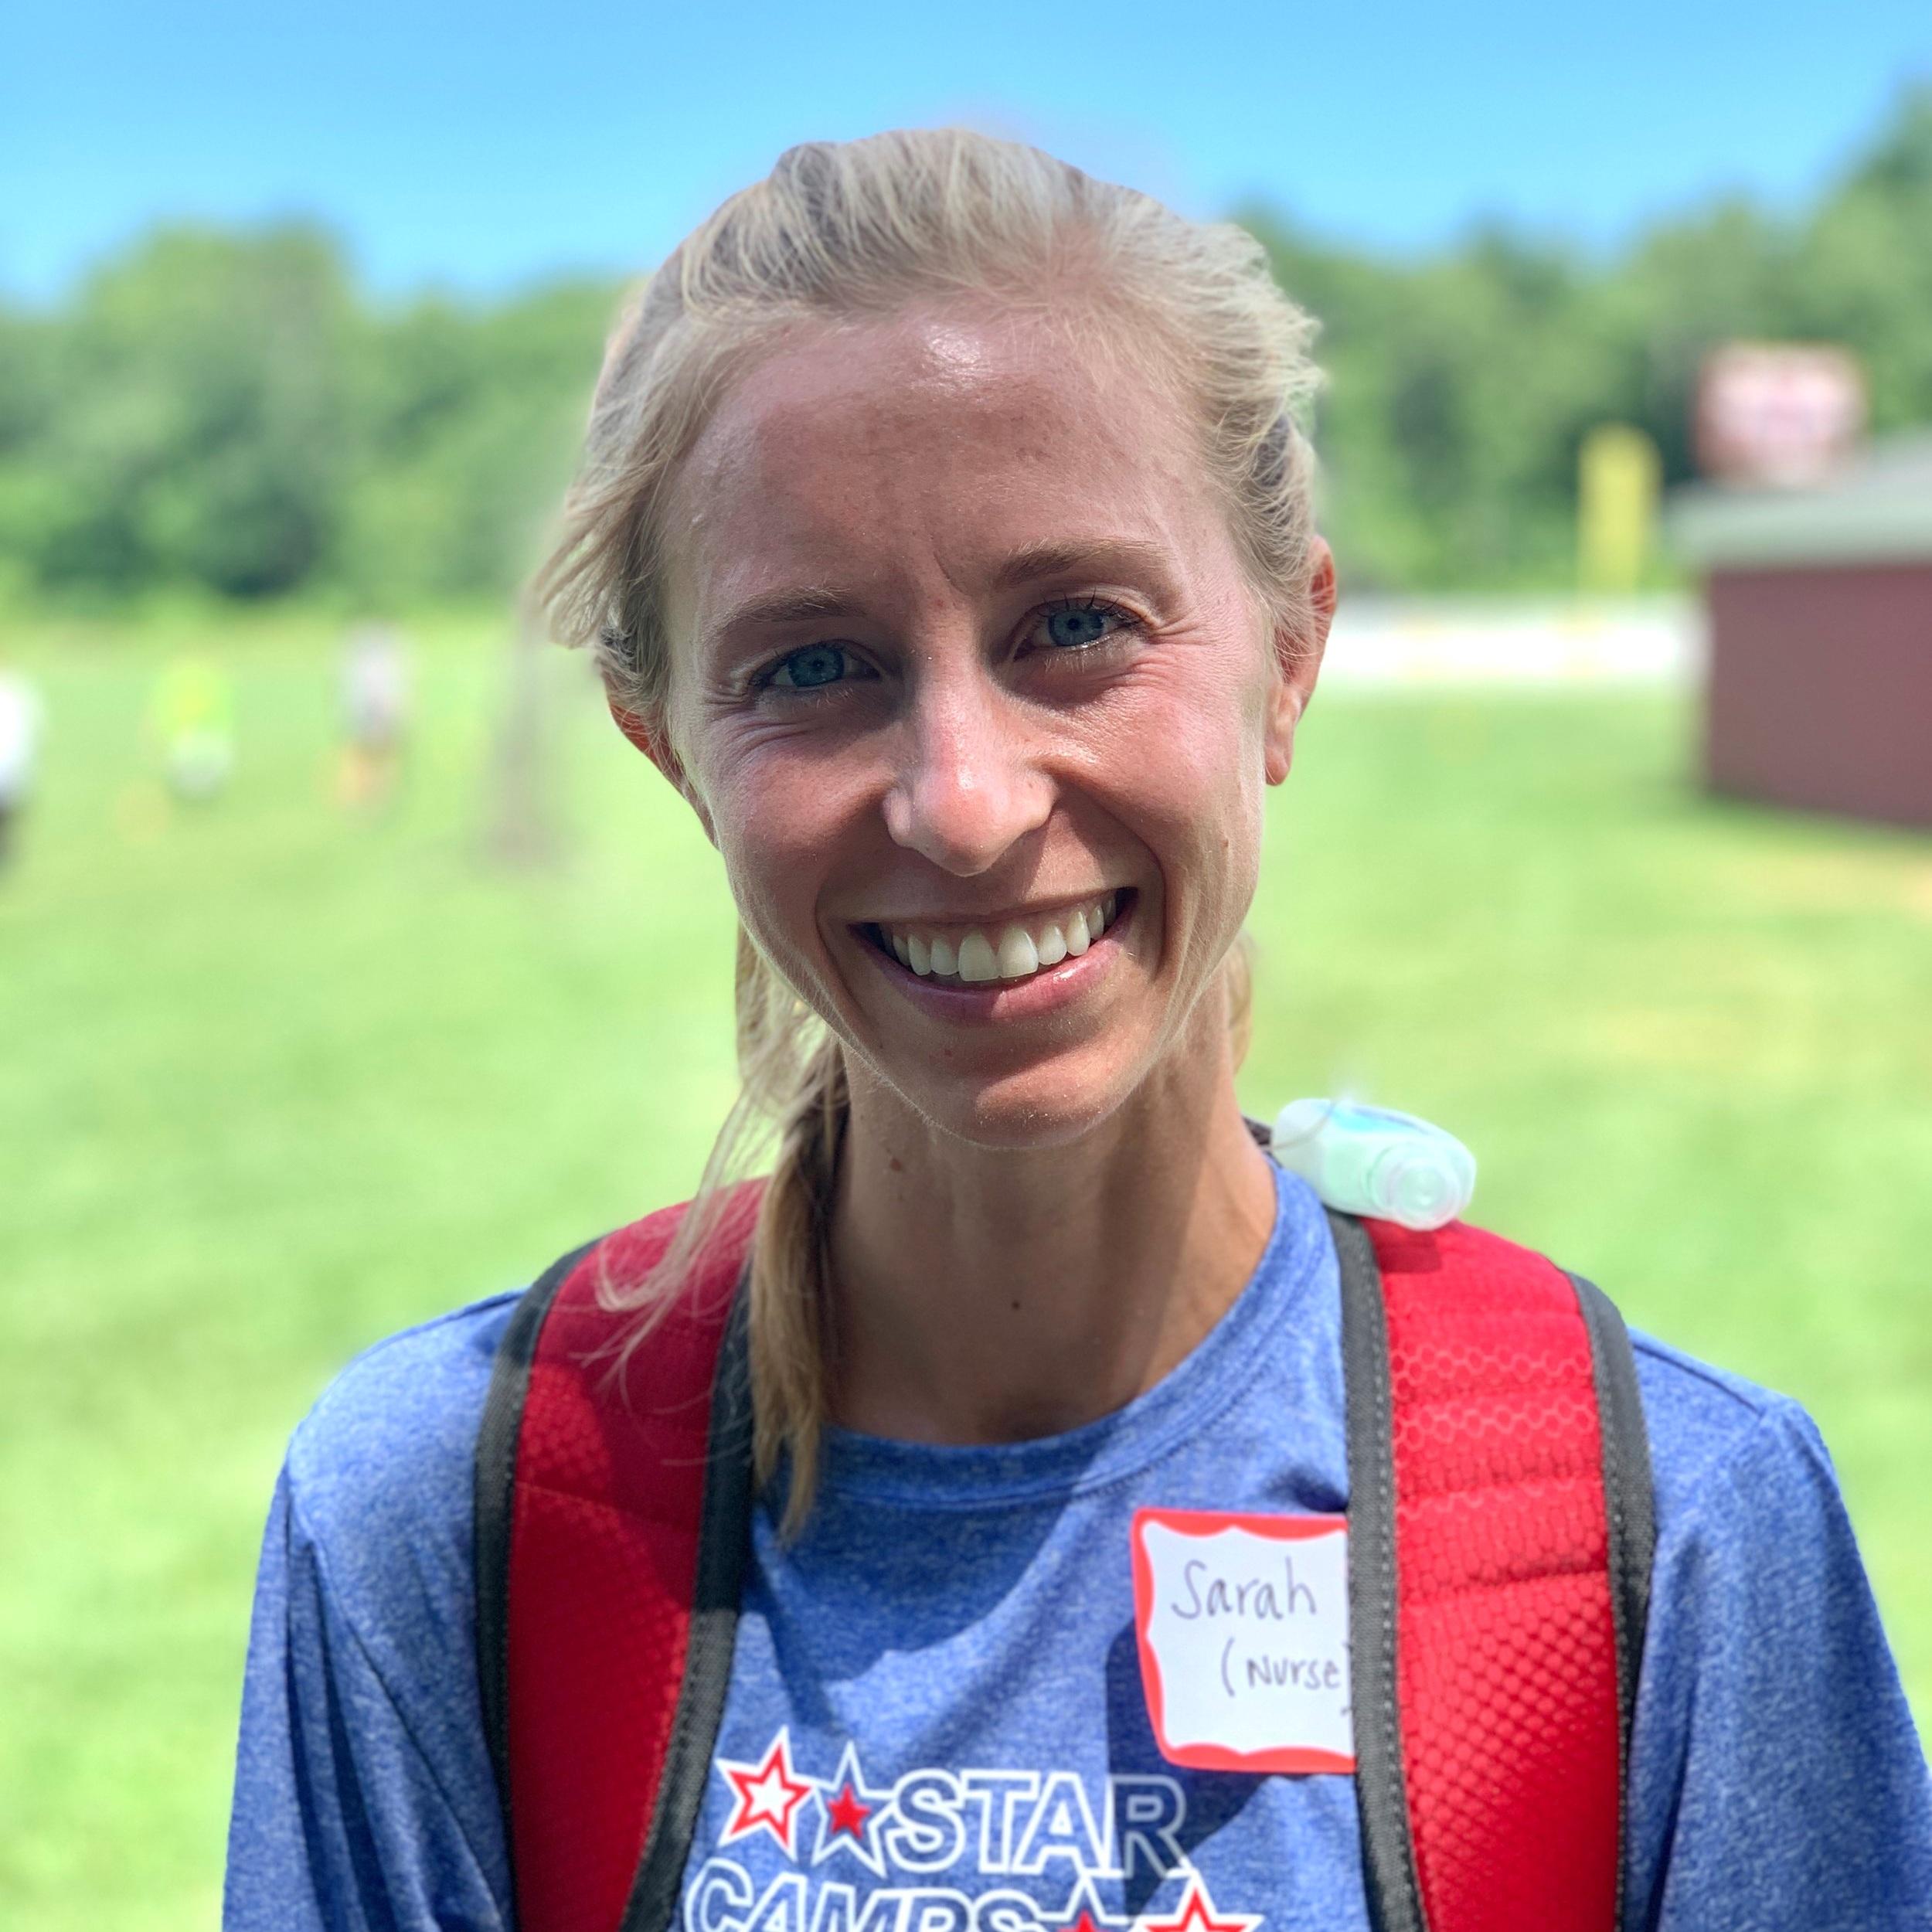 Sarah Curran - Nurse